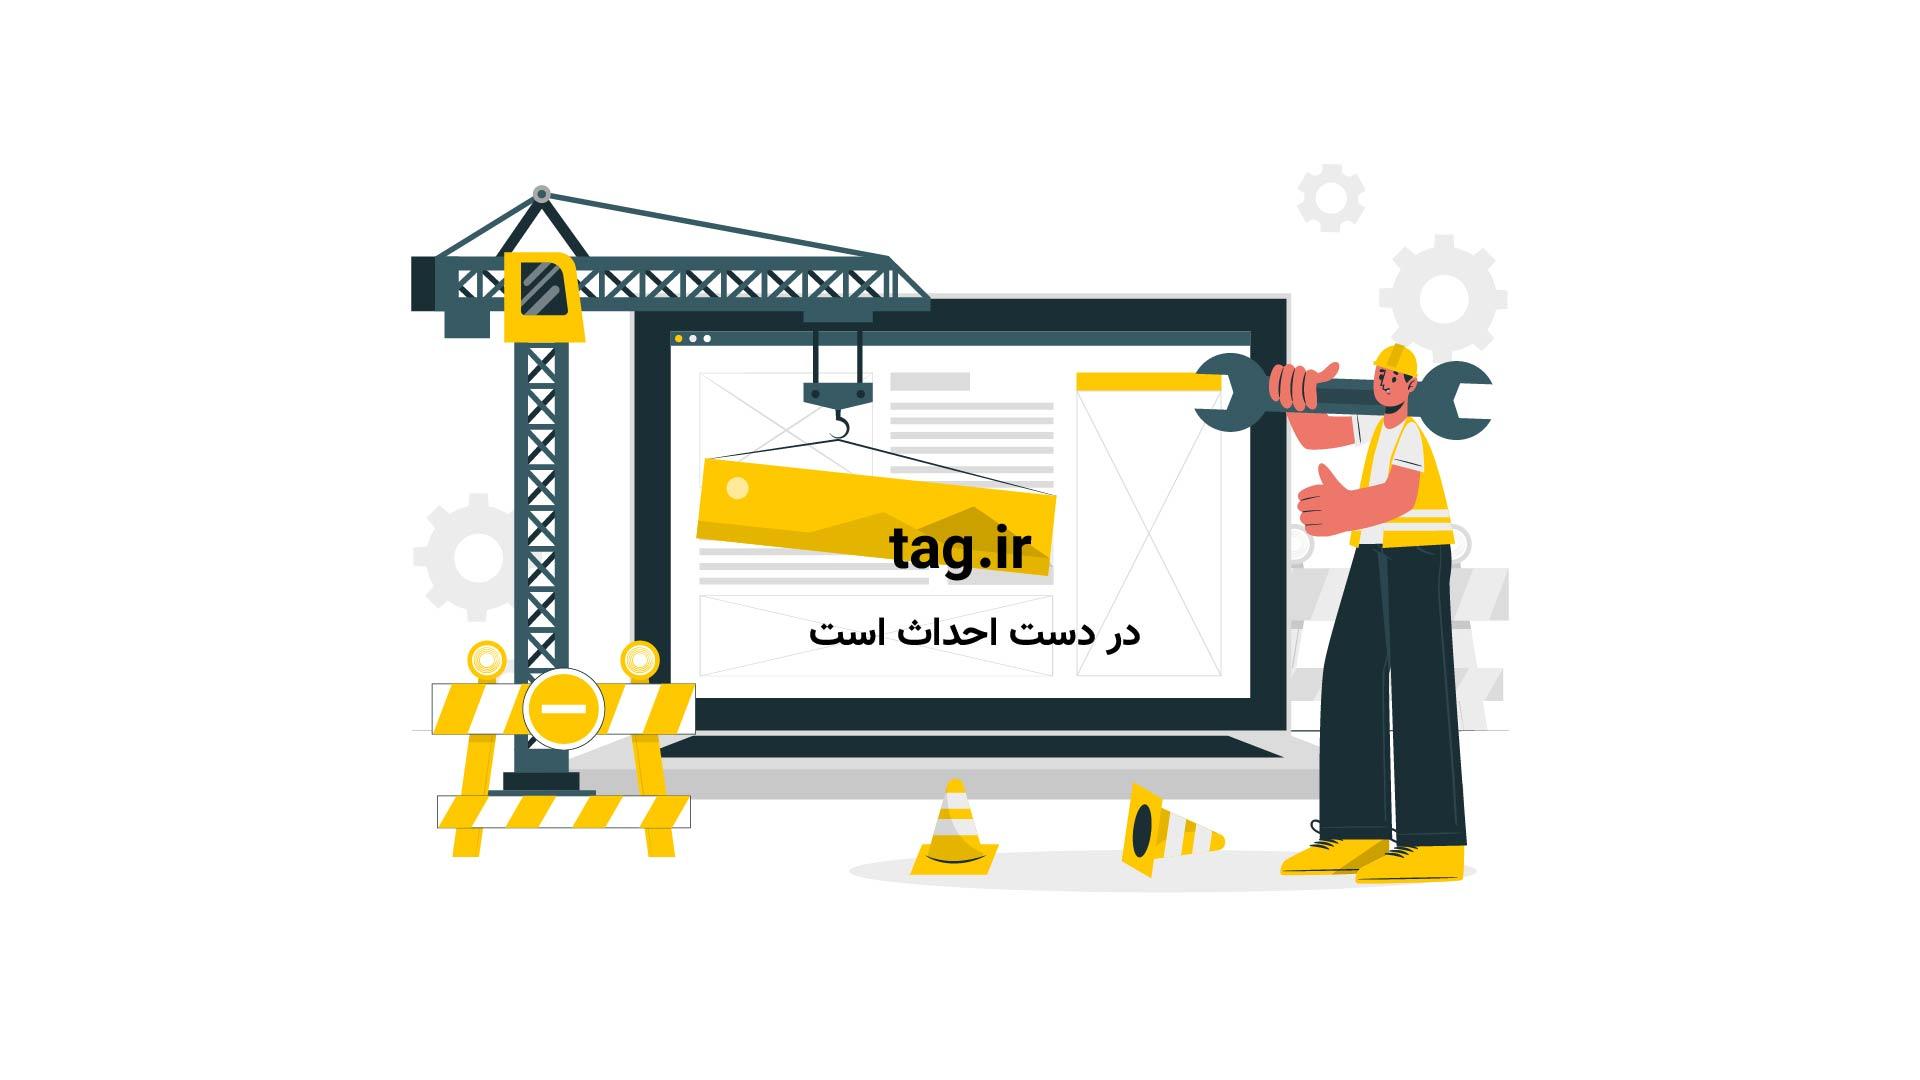 آموزش تهیه پاستا با میکس گوجه فرنگی | فیلم